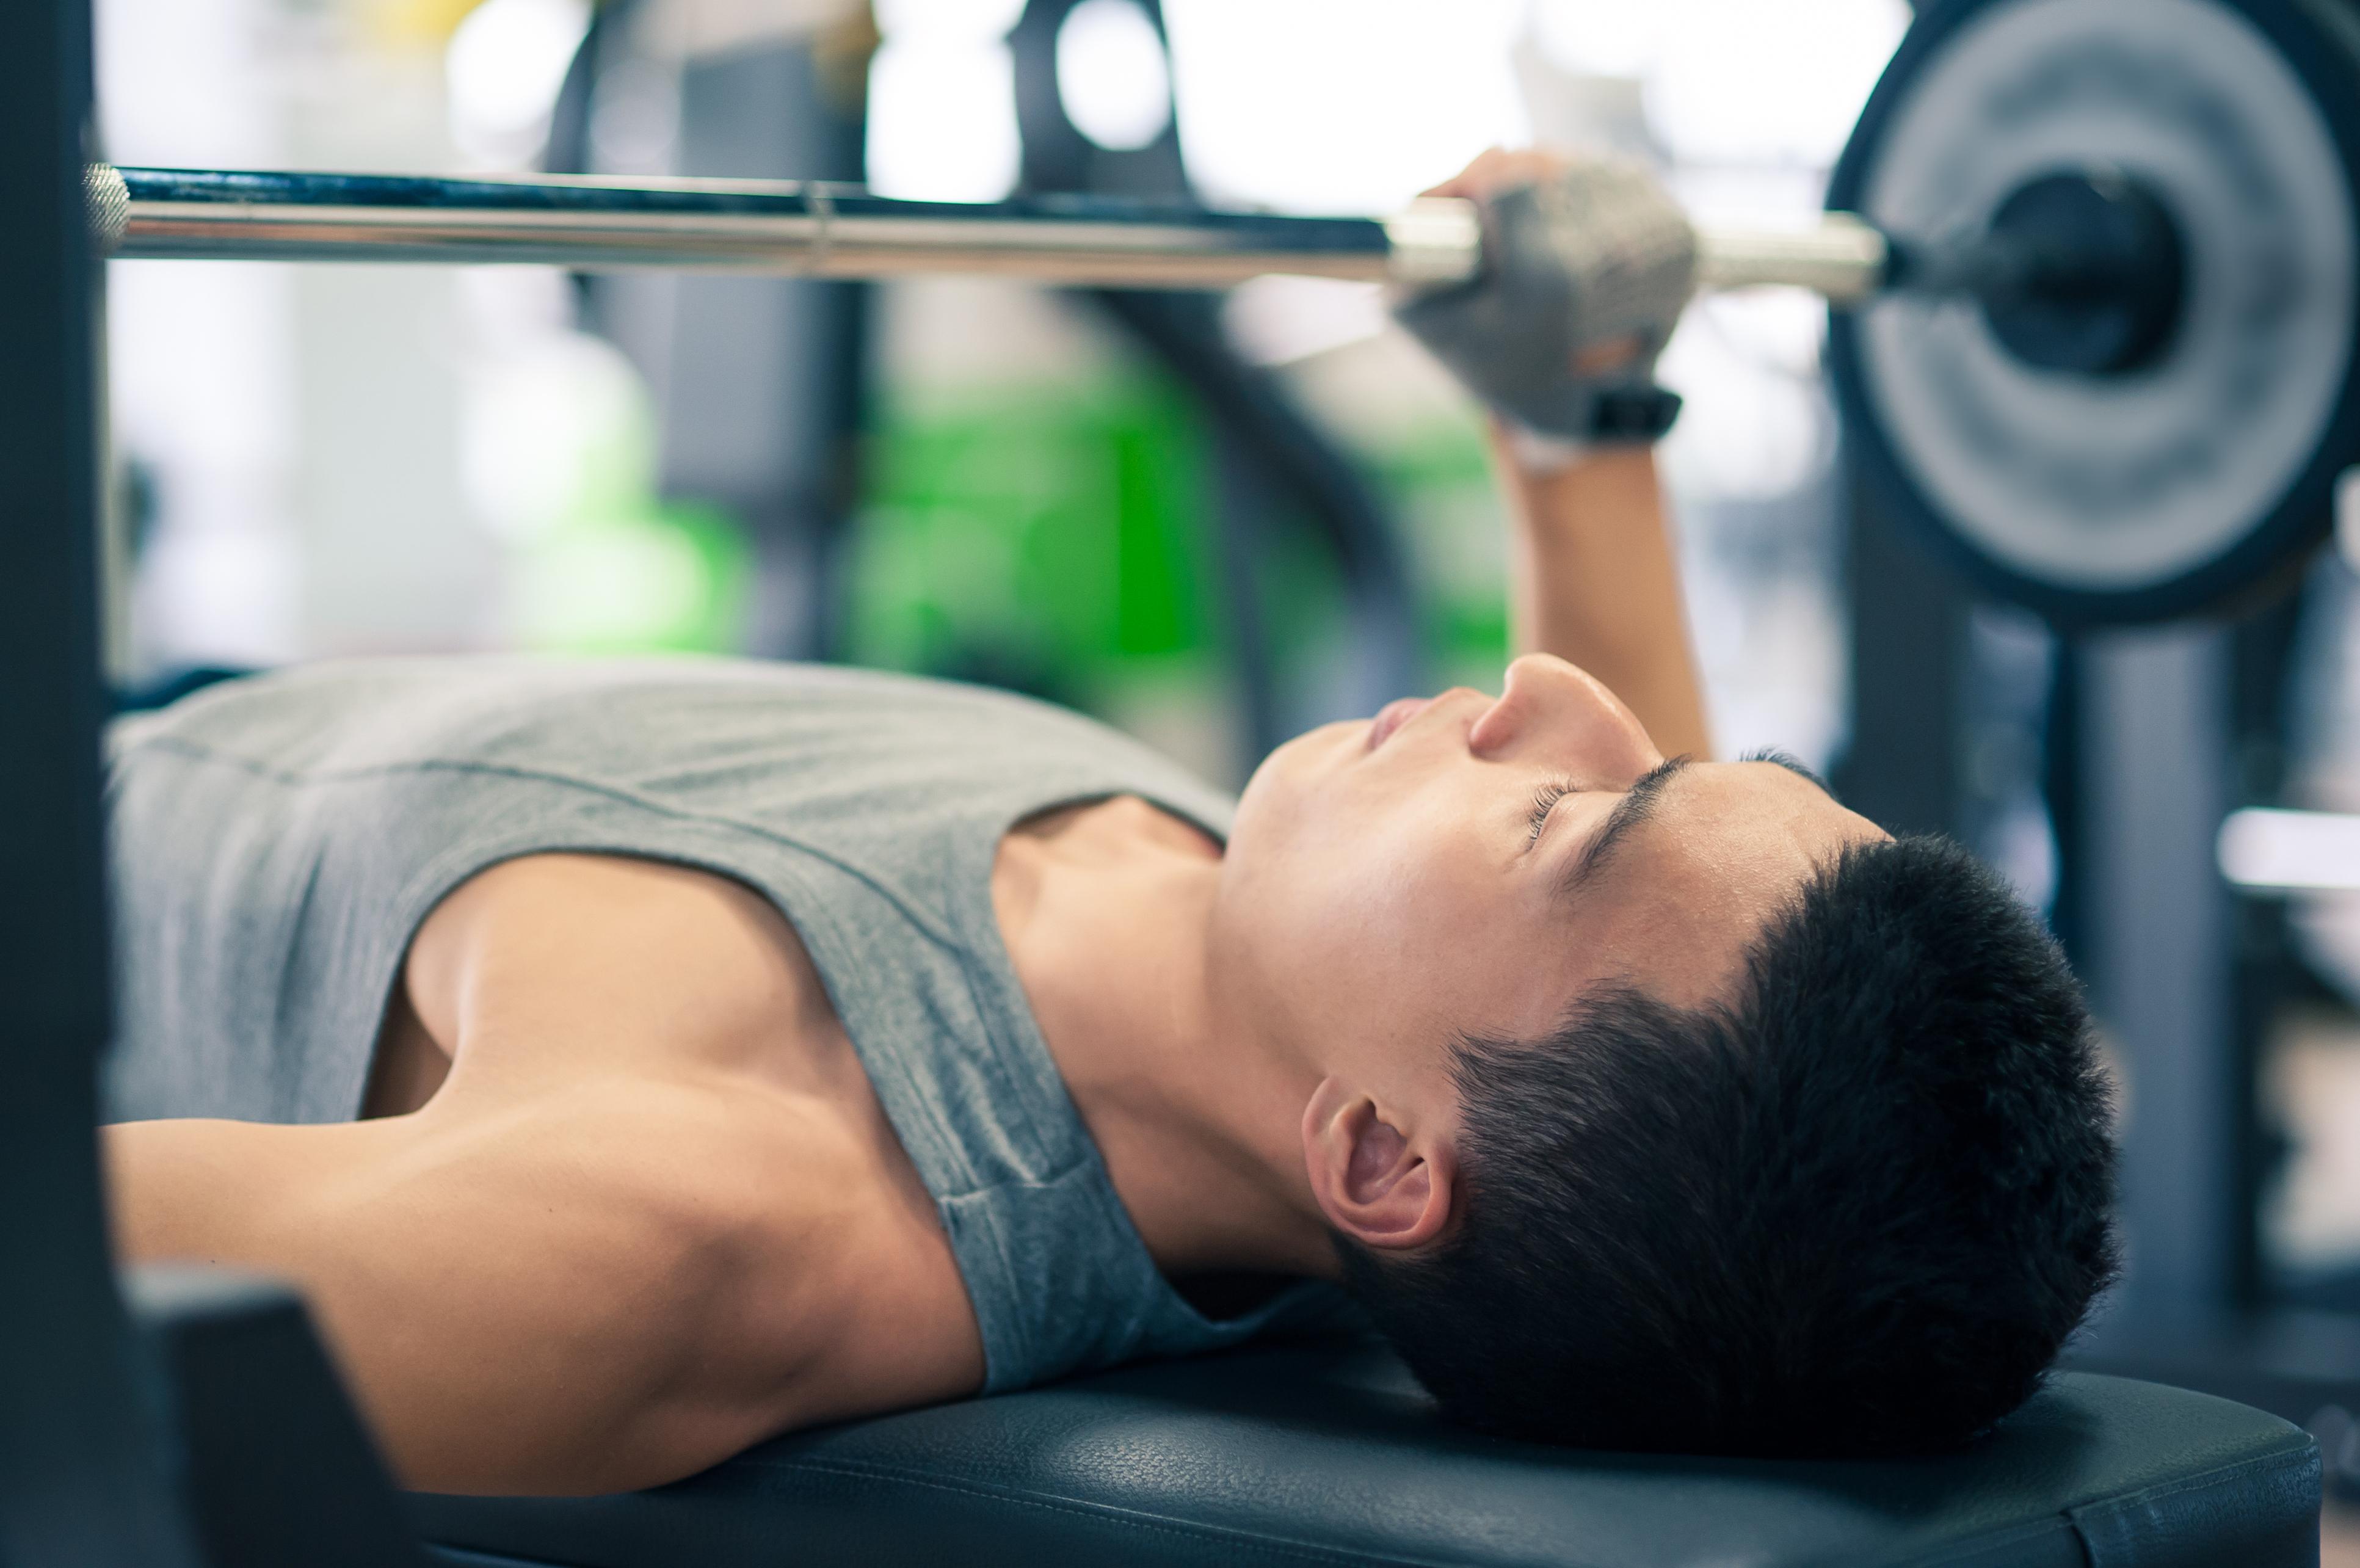 Фото молодые в спортзале 11 фотография